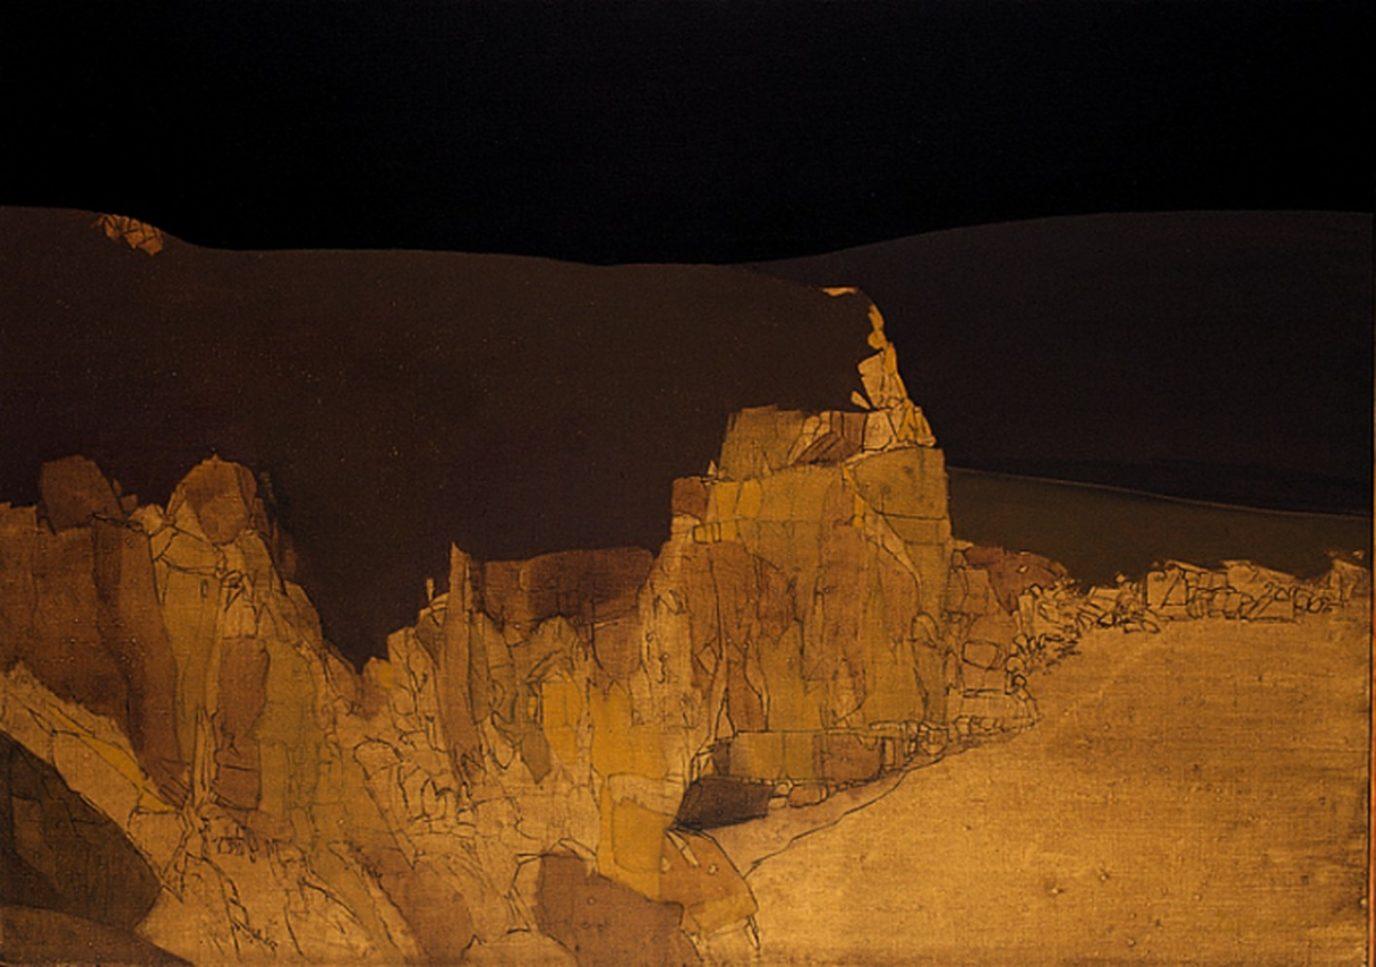 Pejzaż górski w brązach II 1996, olej 85 x 120 cm